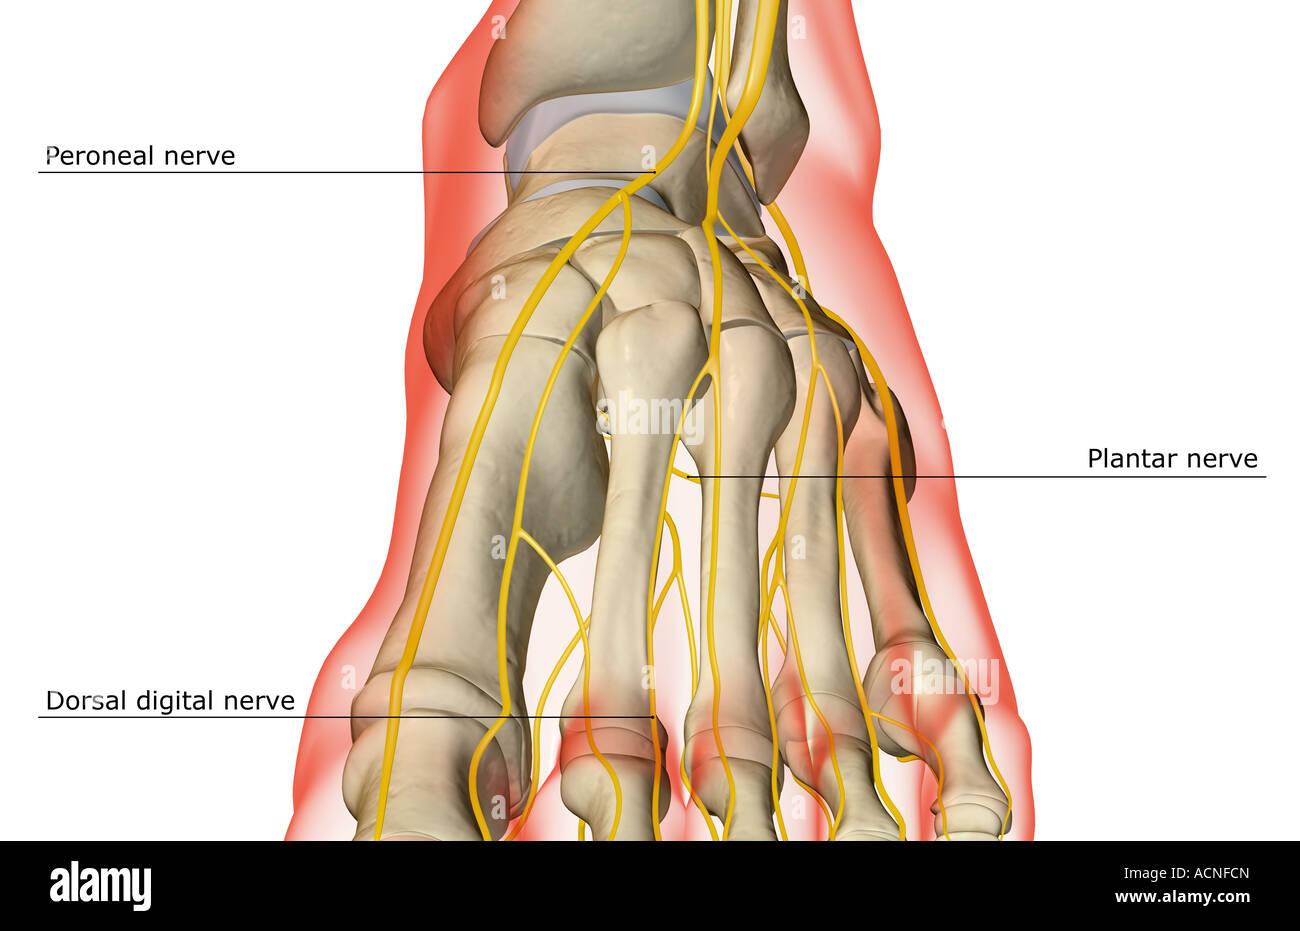 Die Nerven des Fußes Stockfoto, Bild: 13198340 - Alamy